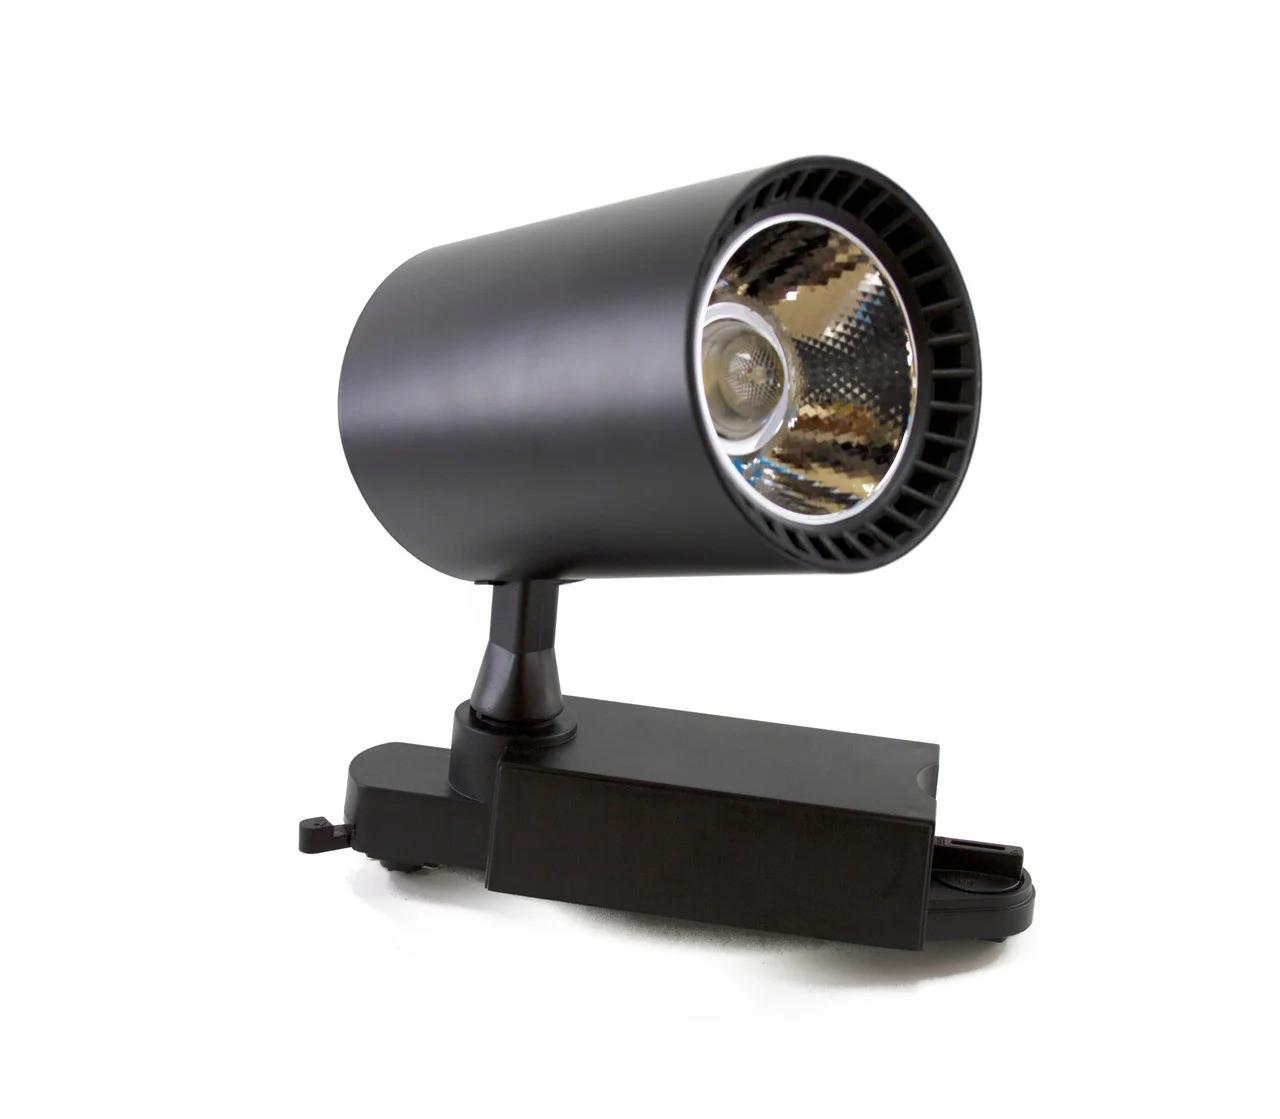 Светодиодный светильник LED MARKET 30w/2400Lm  d87*135 IP20 4000K черн. MEGALIGHT (20)